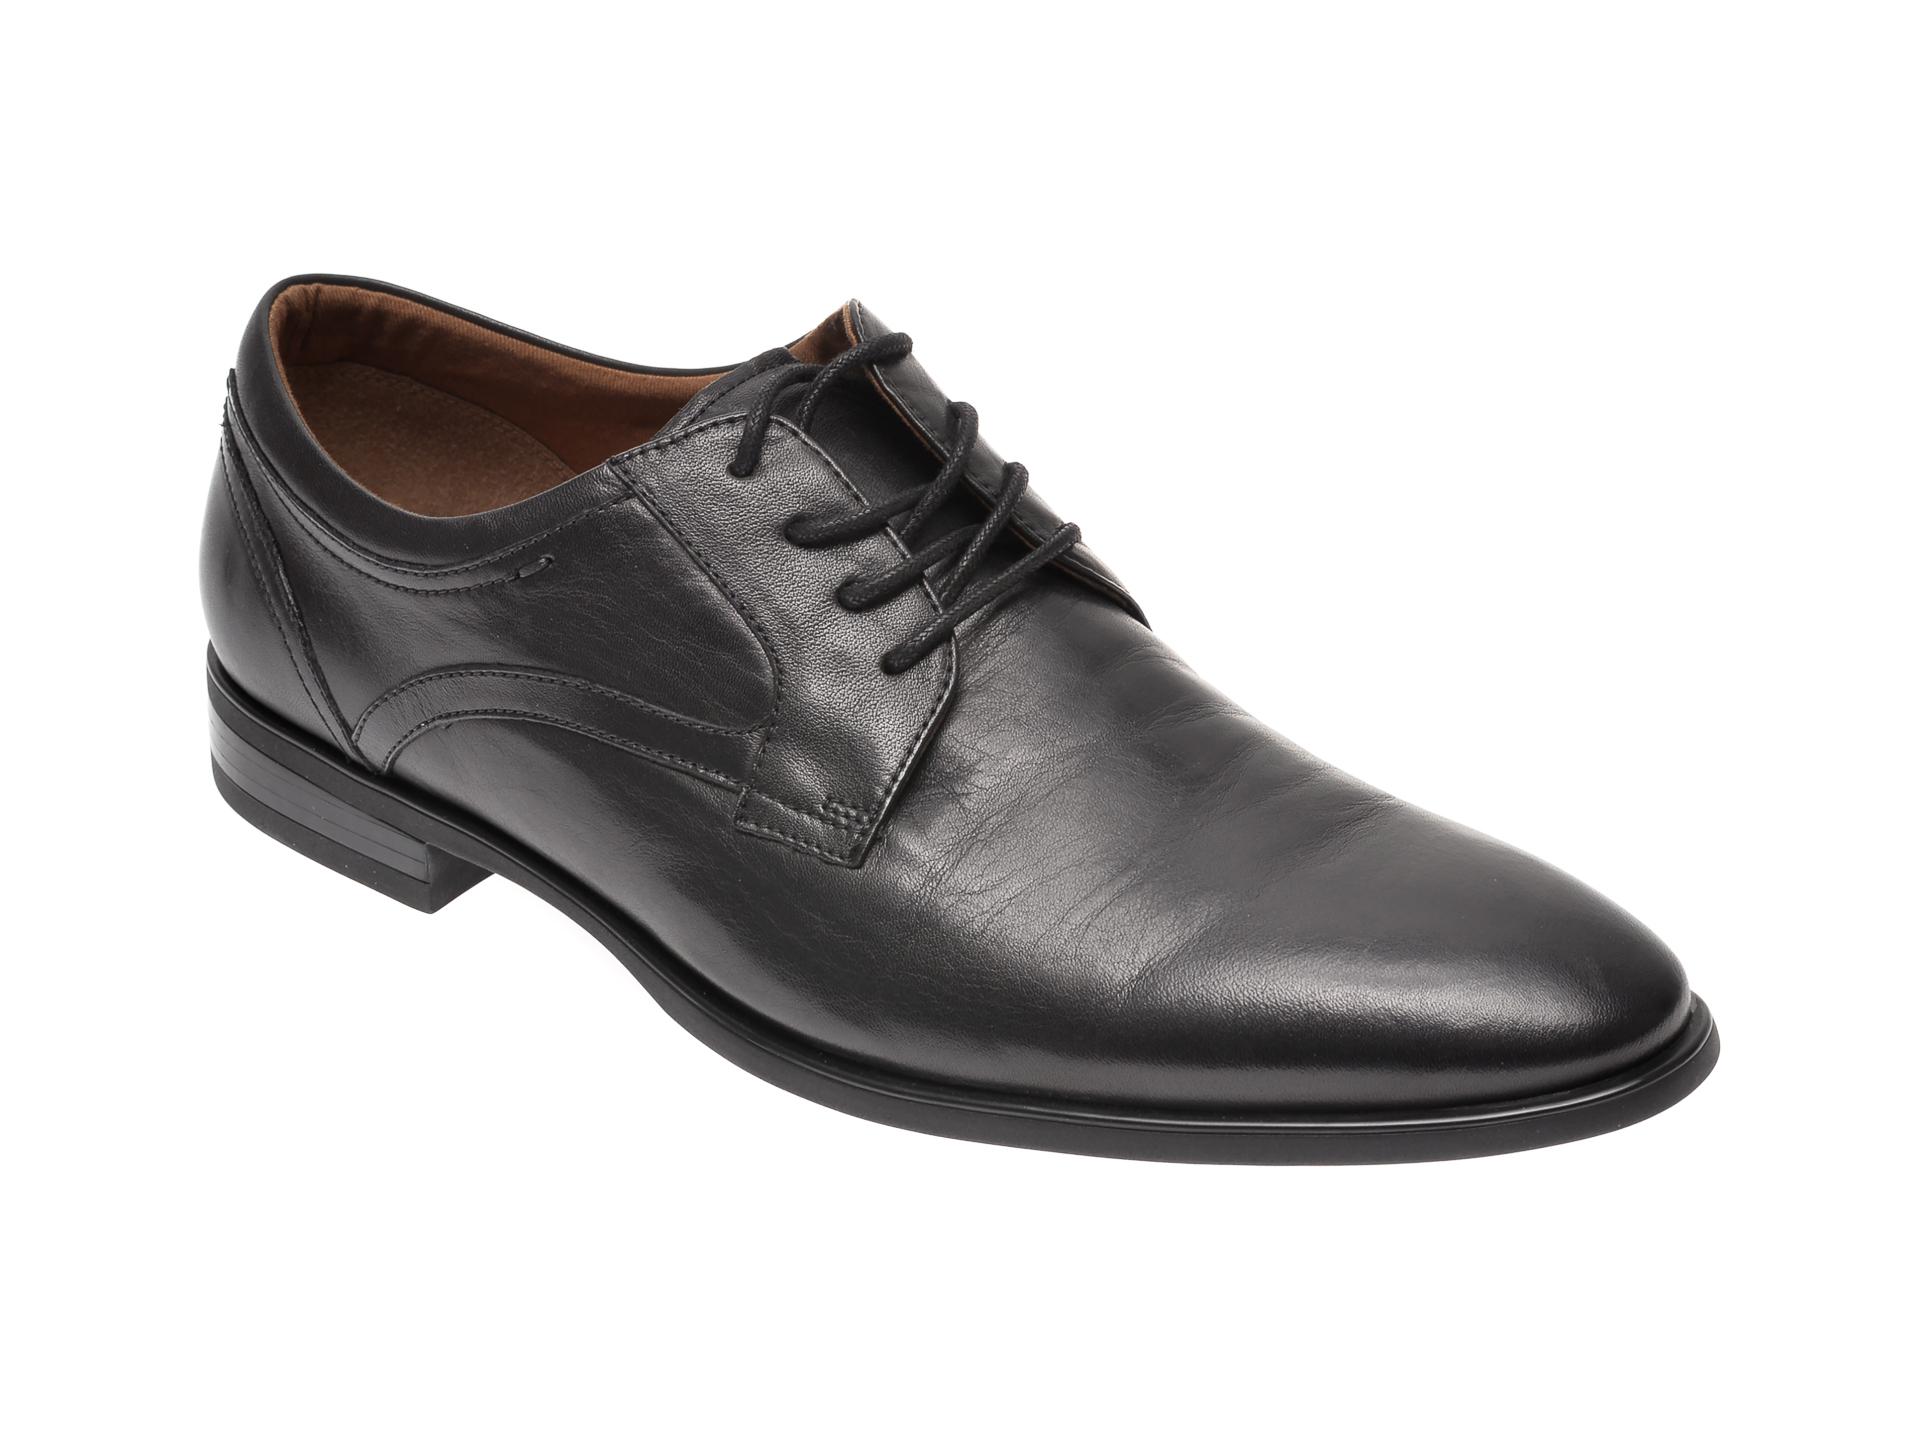 Pantofi ALDO negri, Erareven001, din piele naturala